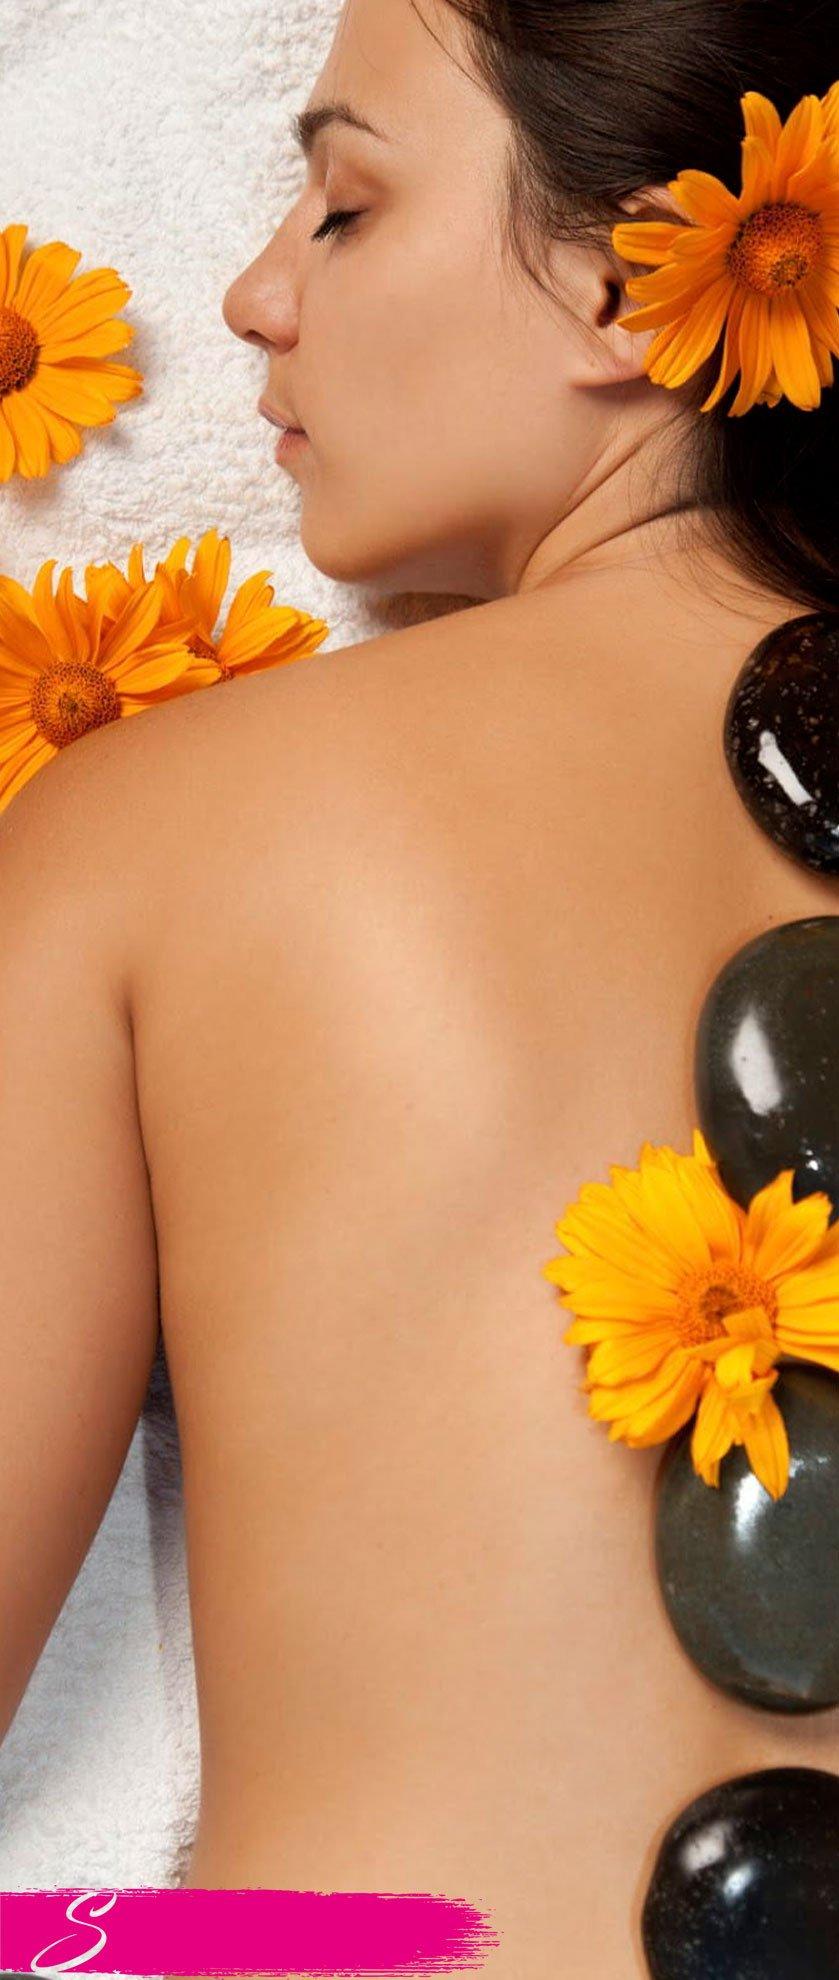 massaggio Hot Stonesensazioni